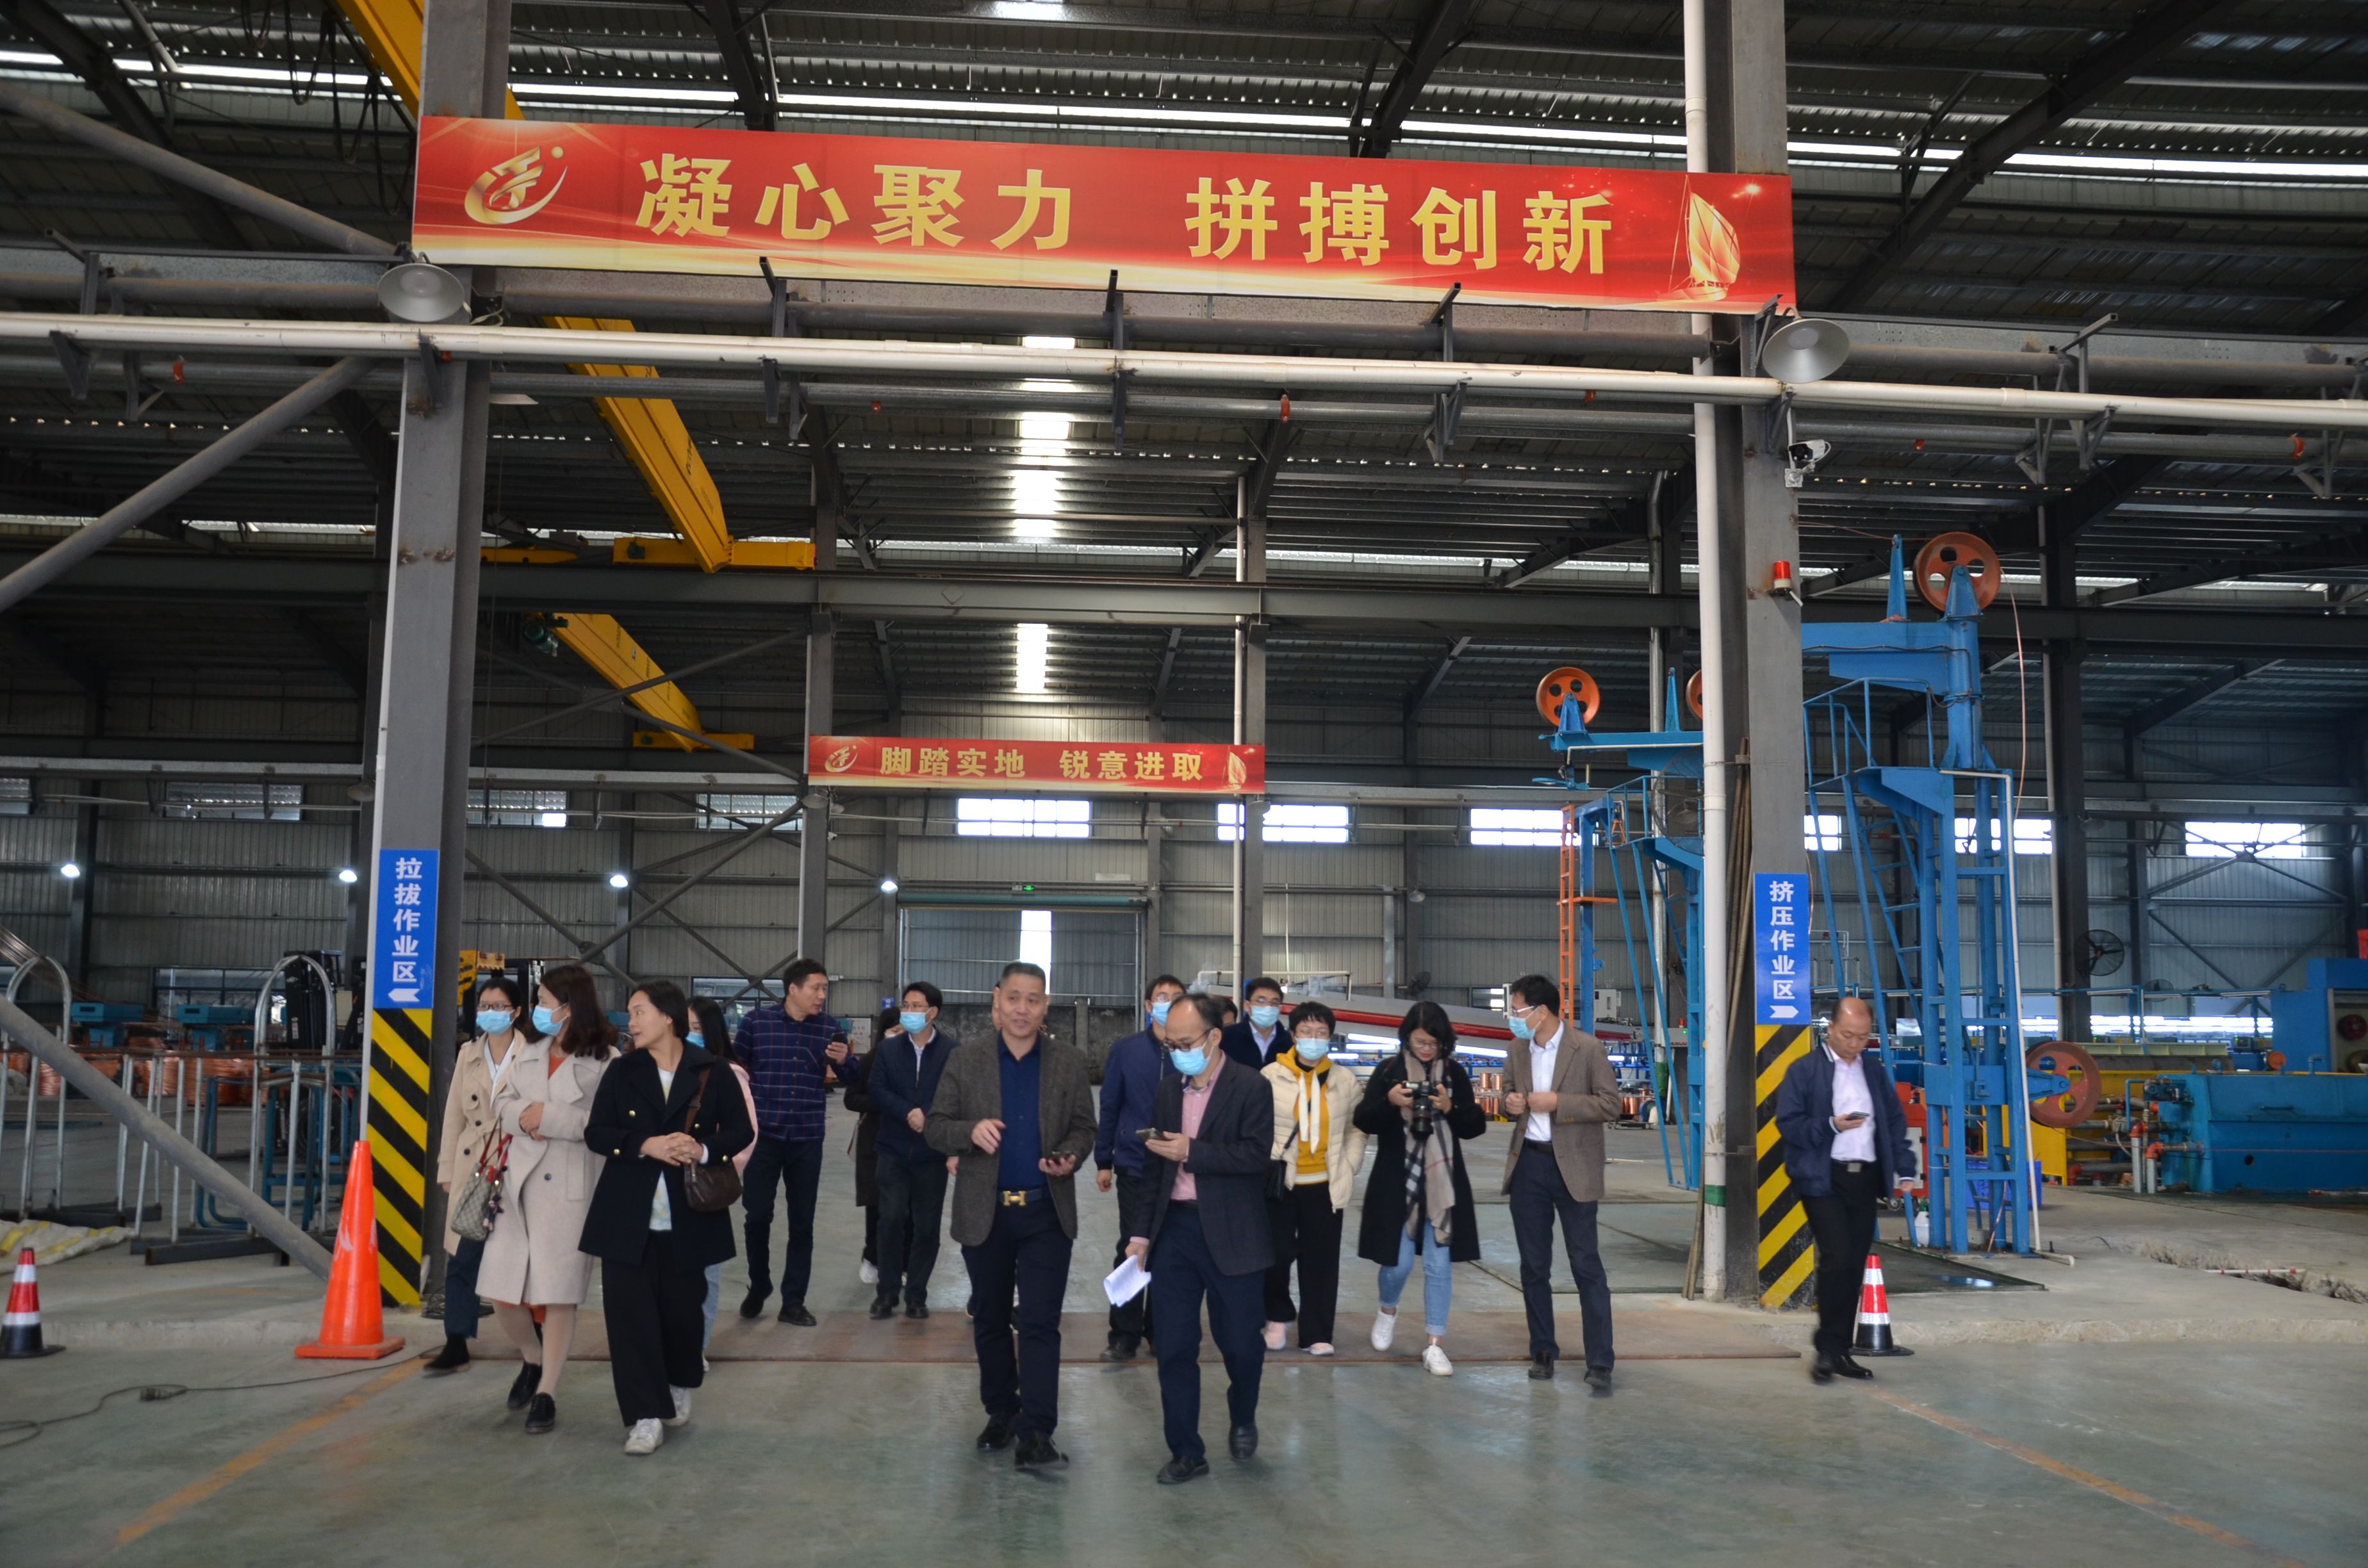 熱烈歡迎肇慶市政府辦公室蒞臨廣東金銅開展電子信息產業調研工作